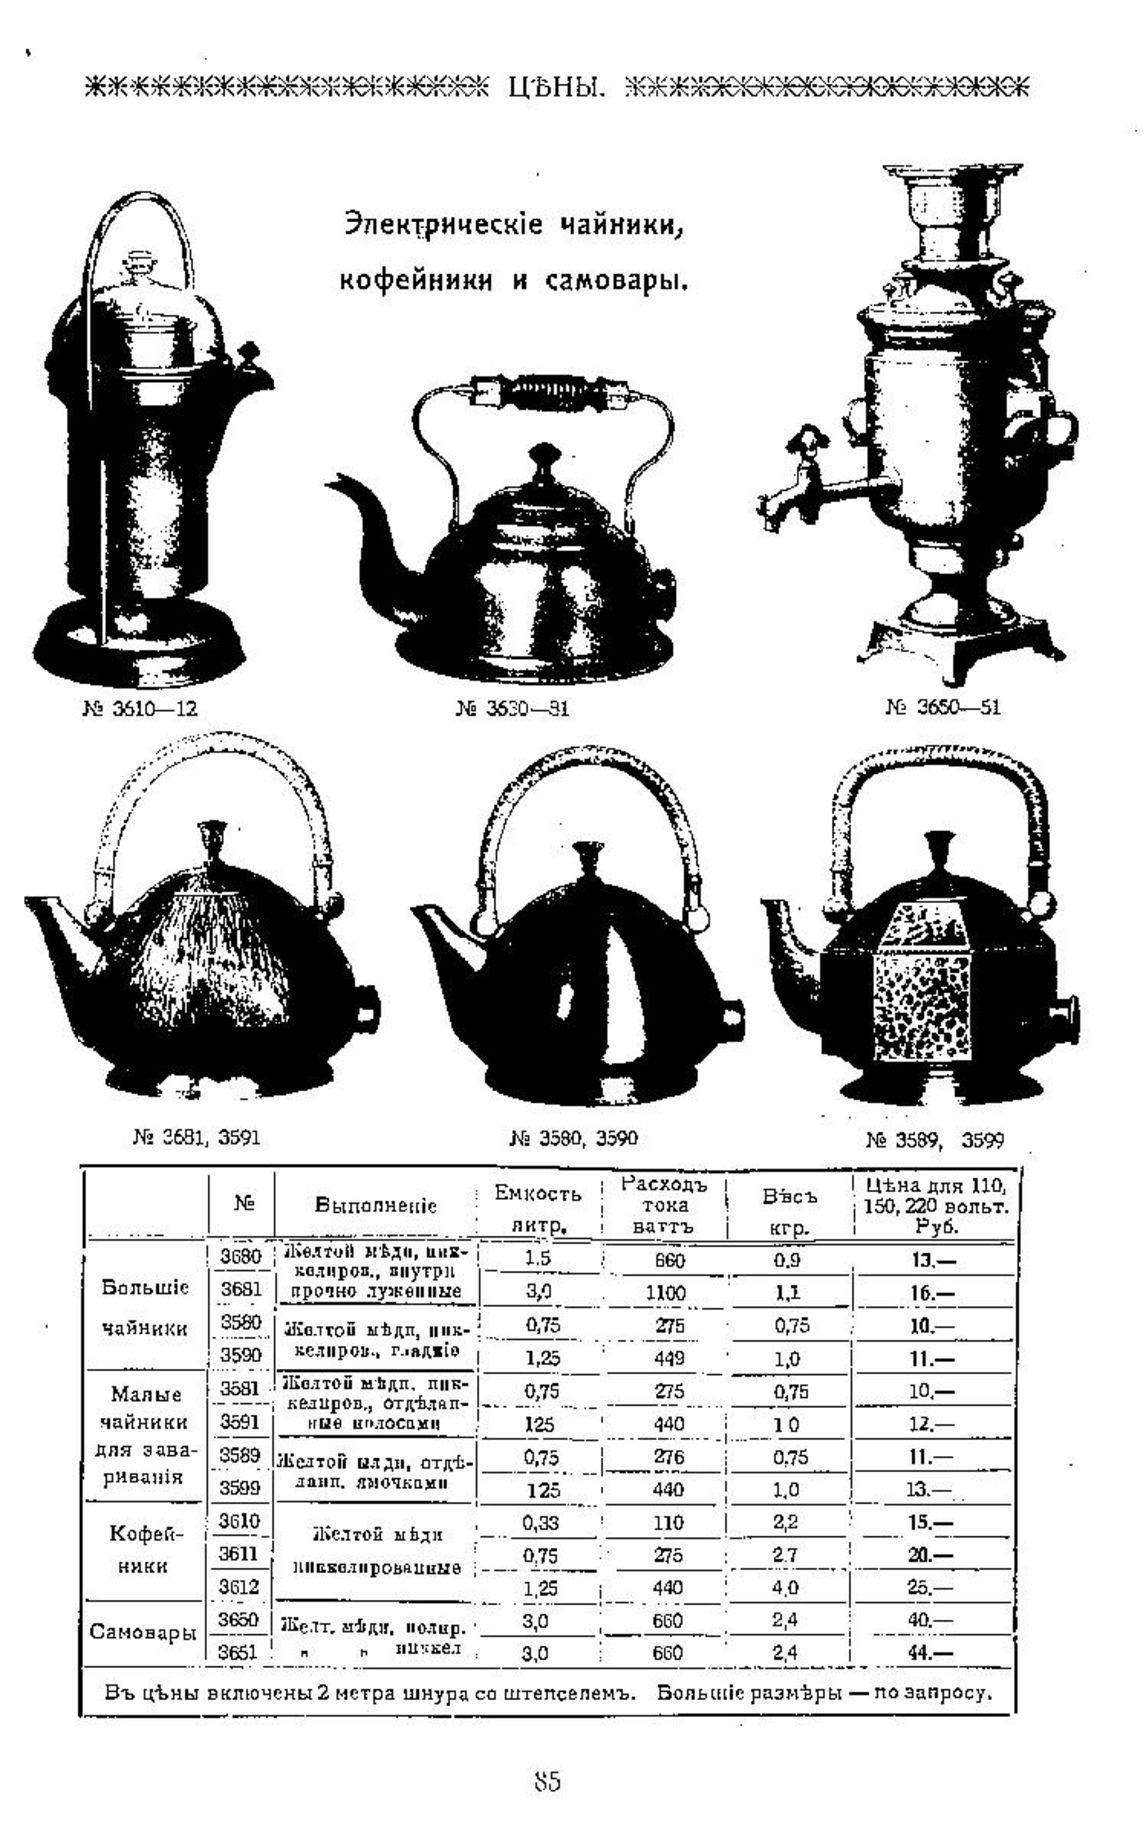 Цена на электрочайники и самовары в 1913г.